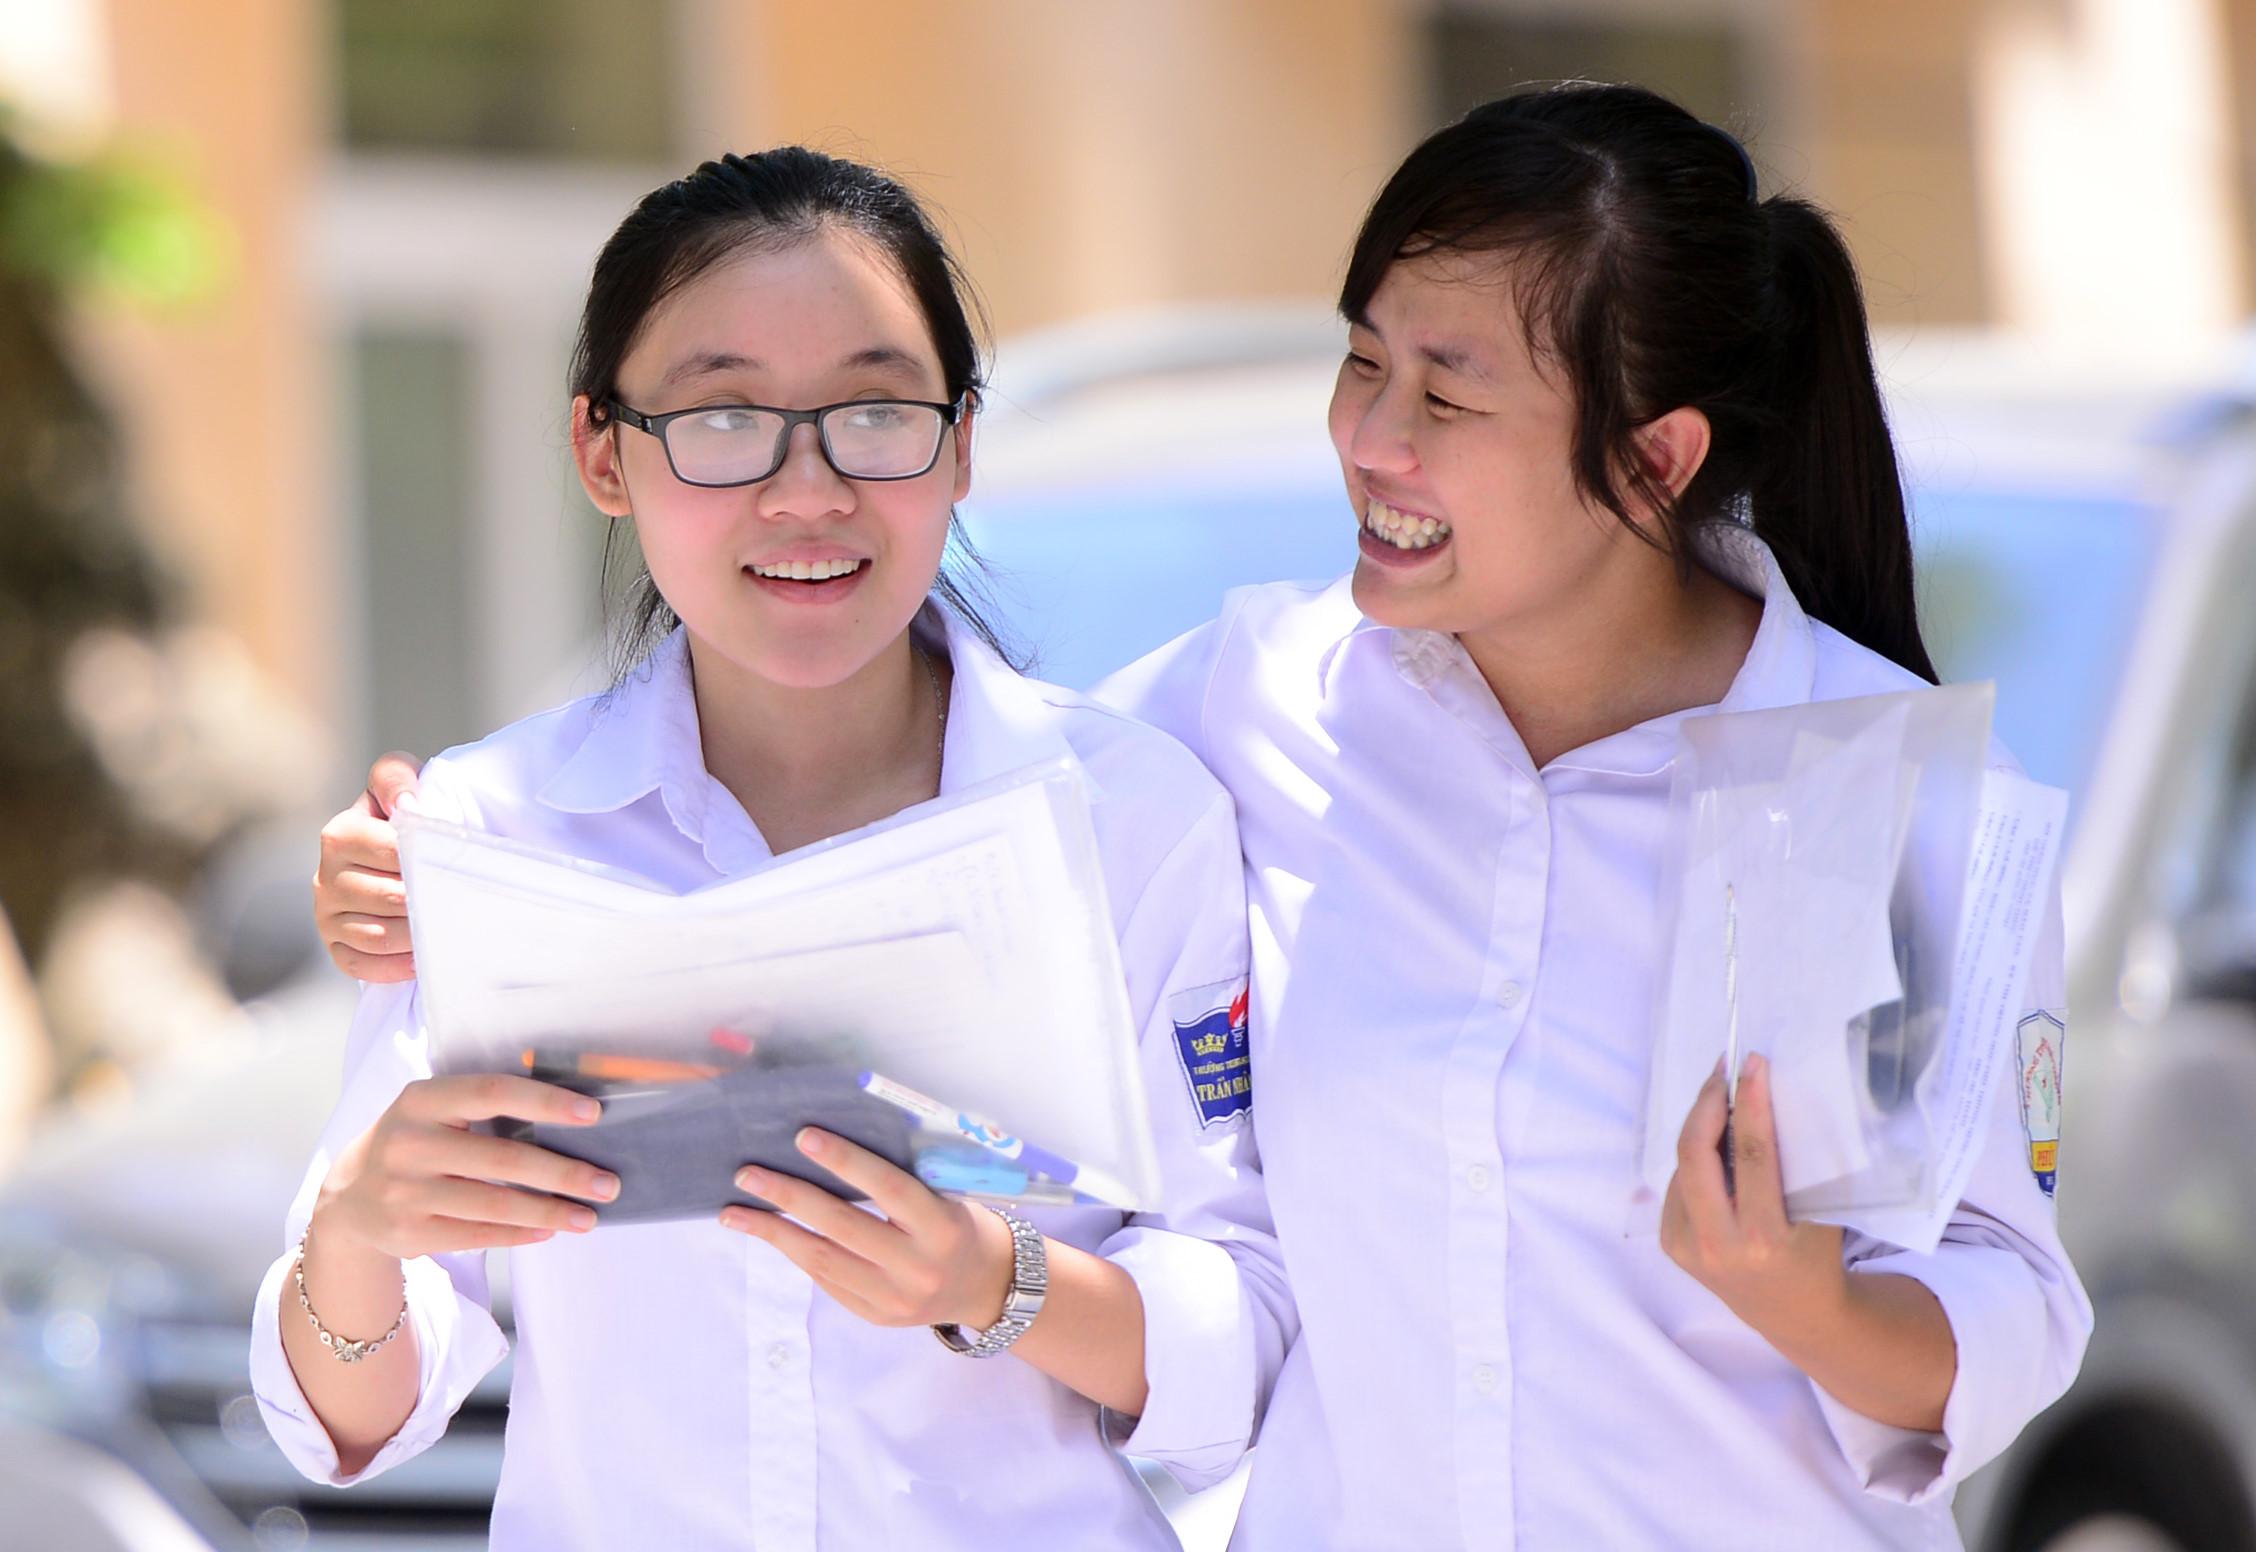 THPT quốc gia 2017: Cứ 2 thí sinh dự thi, một em đỗ đại học, cao đẳng - Hình 6